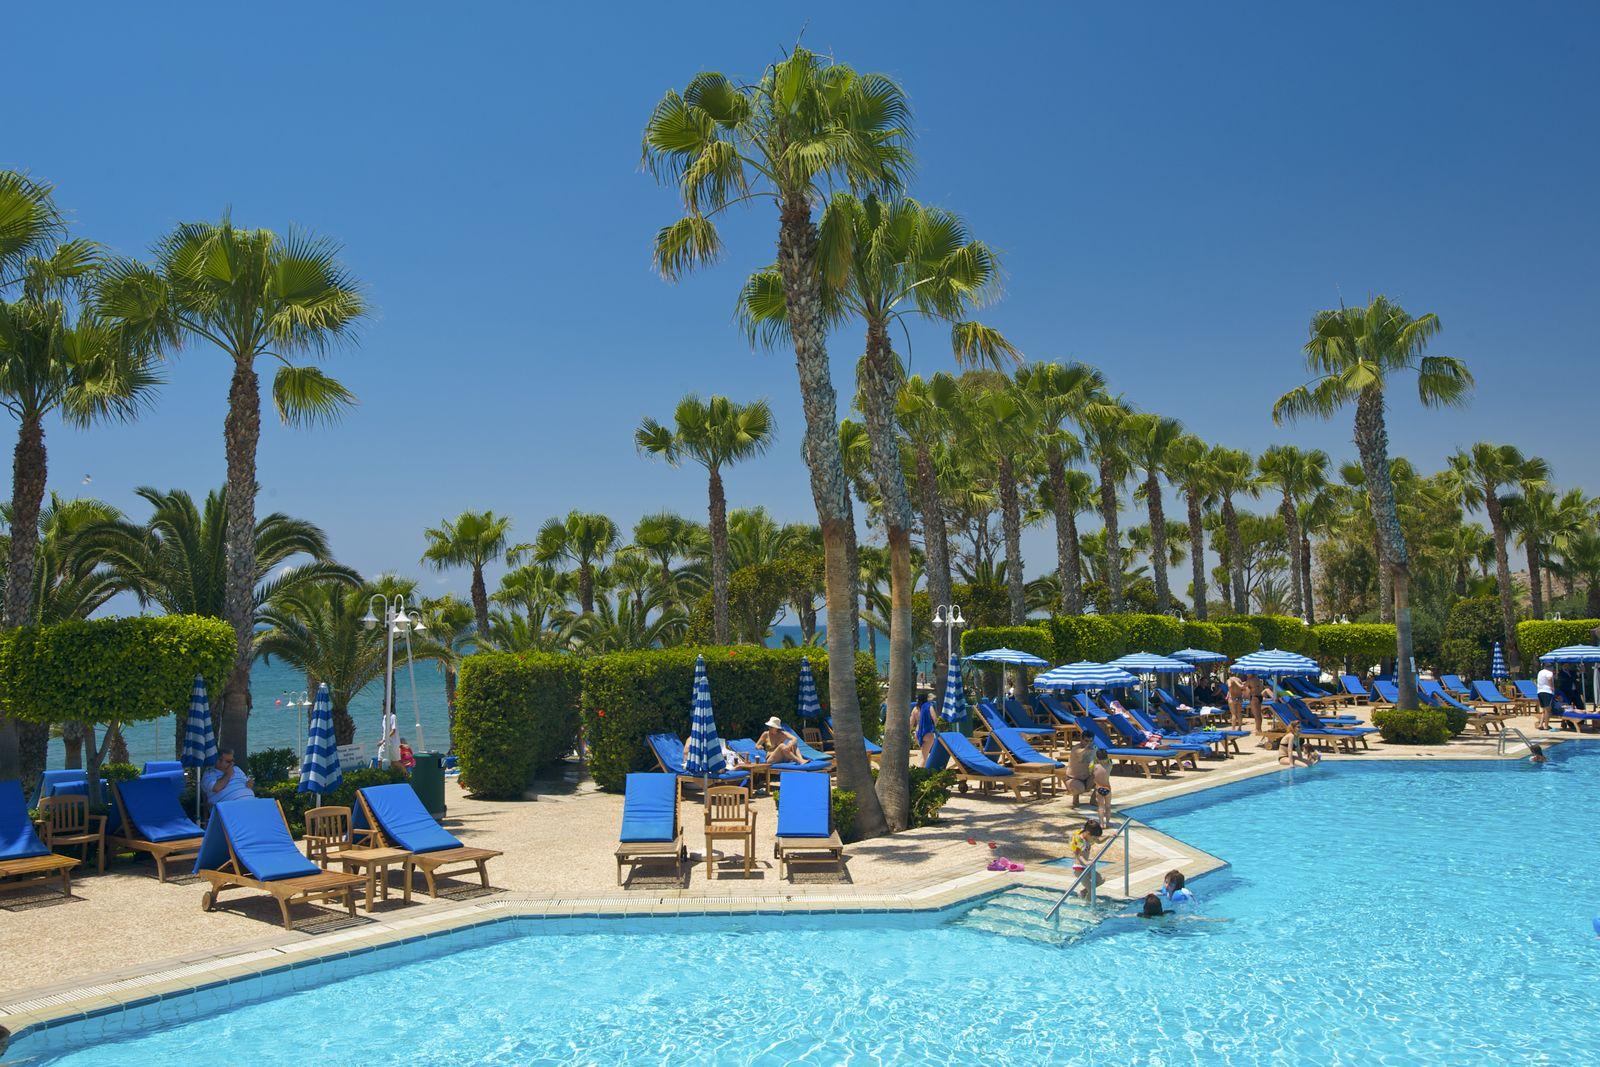 NICHT MEHR VERWENDEN! - Meridien Hotel/ Limassol/ Zypern